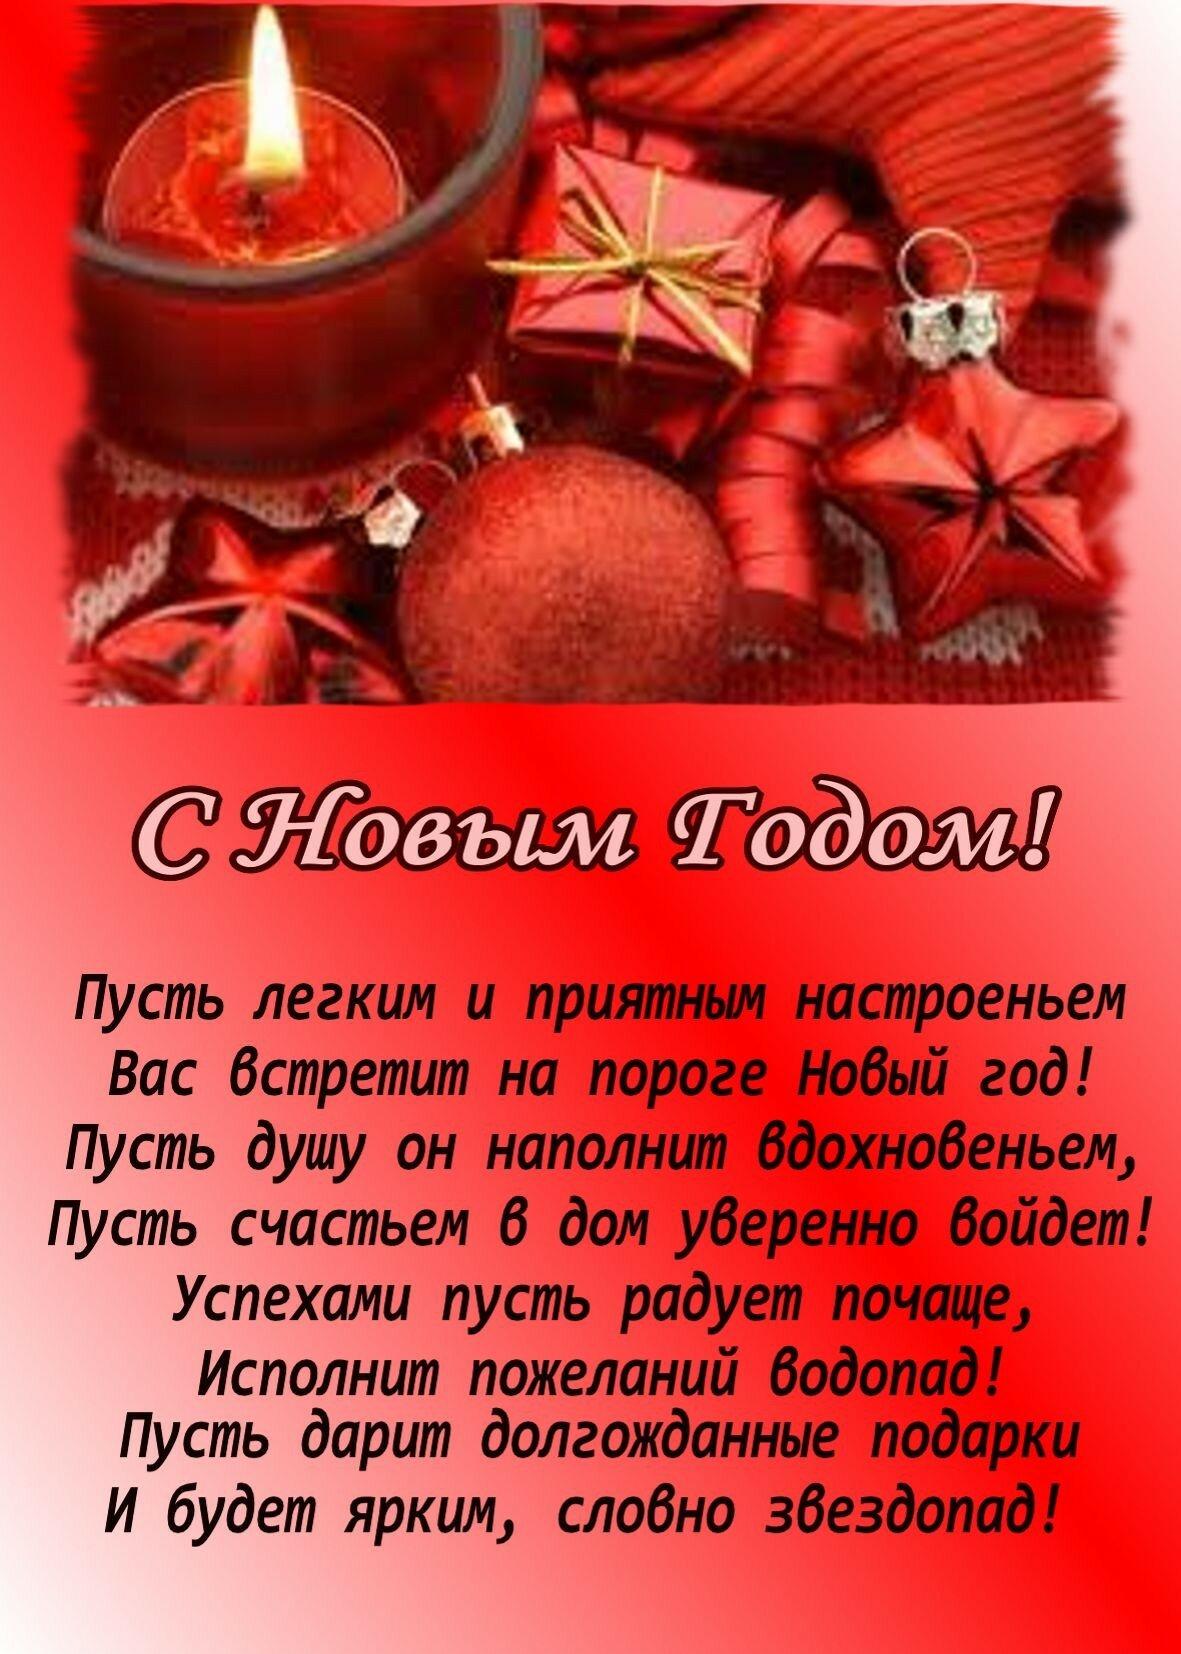 Поздравления для лучшей подруги в новый год